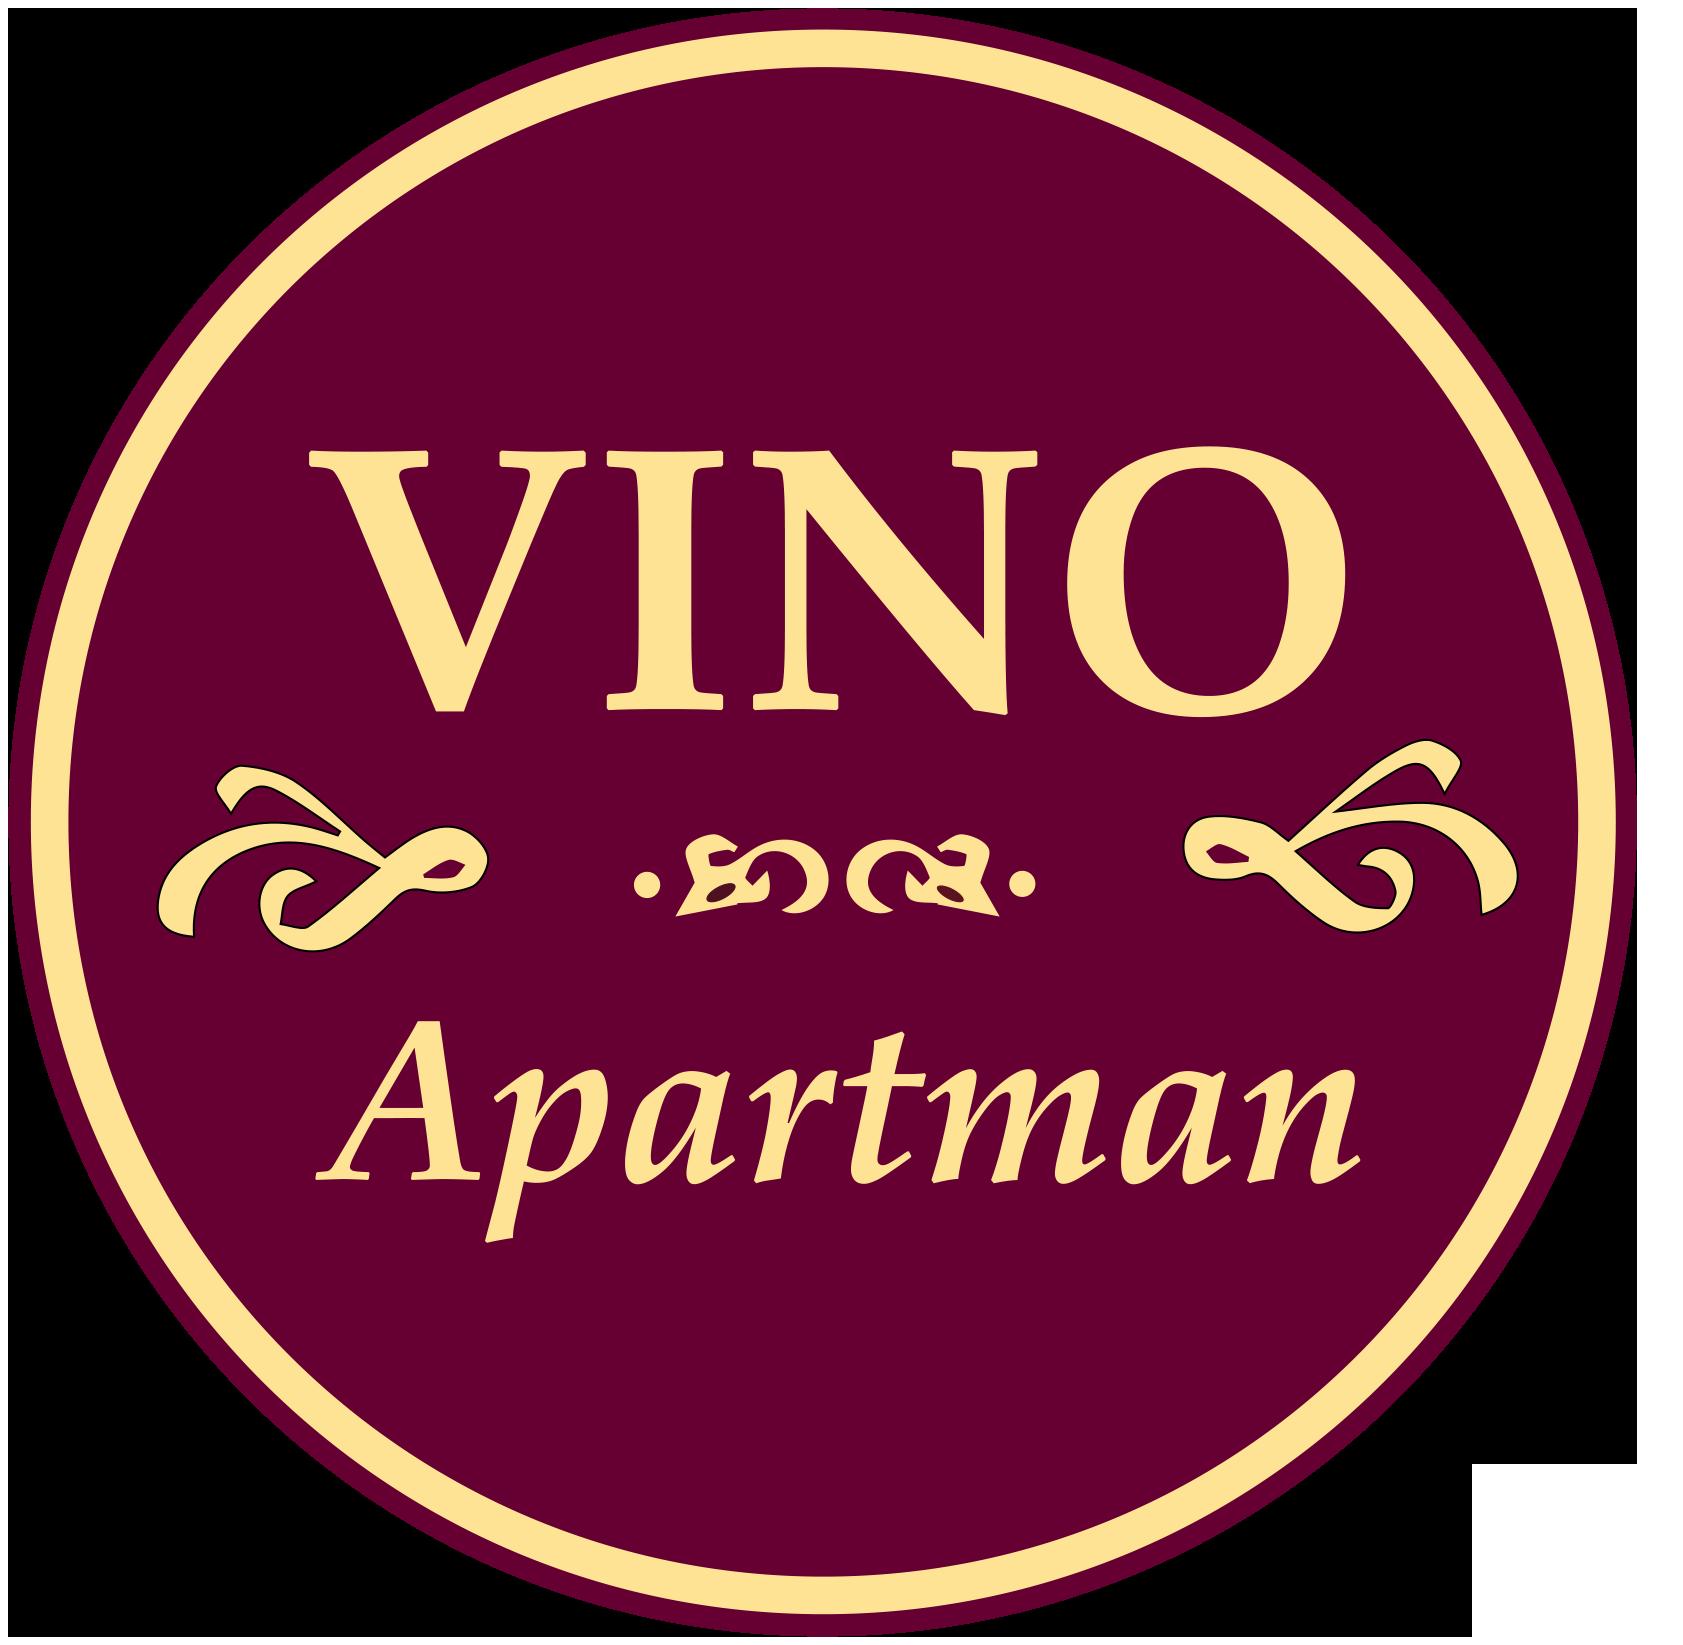 Vinoapartman